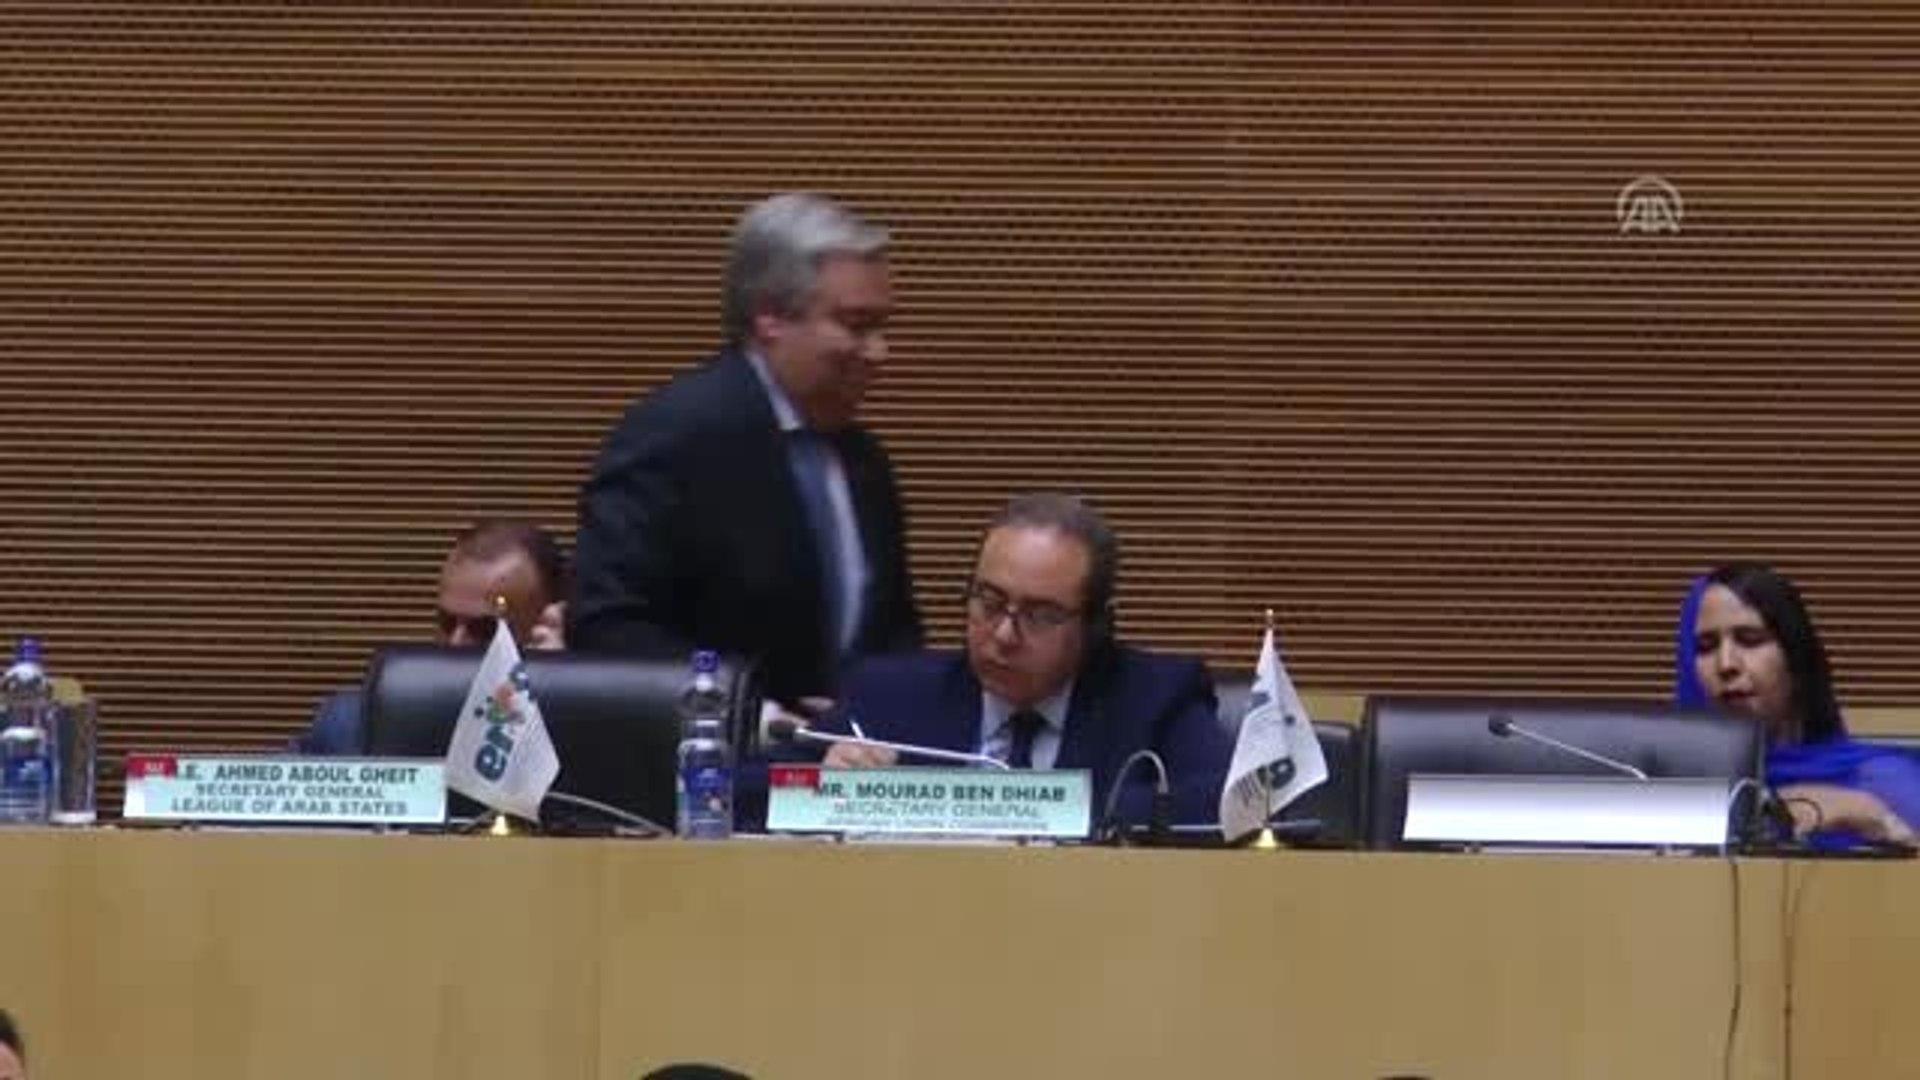 Guterres Mültecilere Kapılarını Kapatanlara Afrika'yı Hatırlattı - Addis Ababa